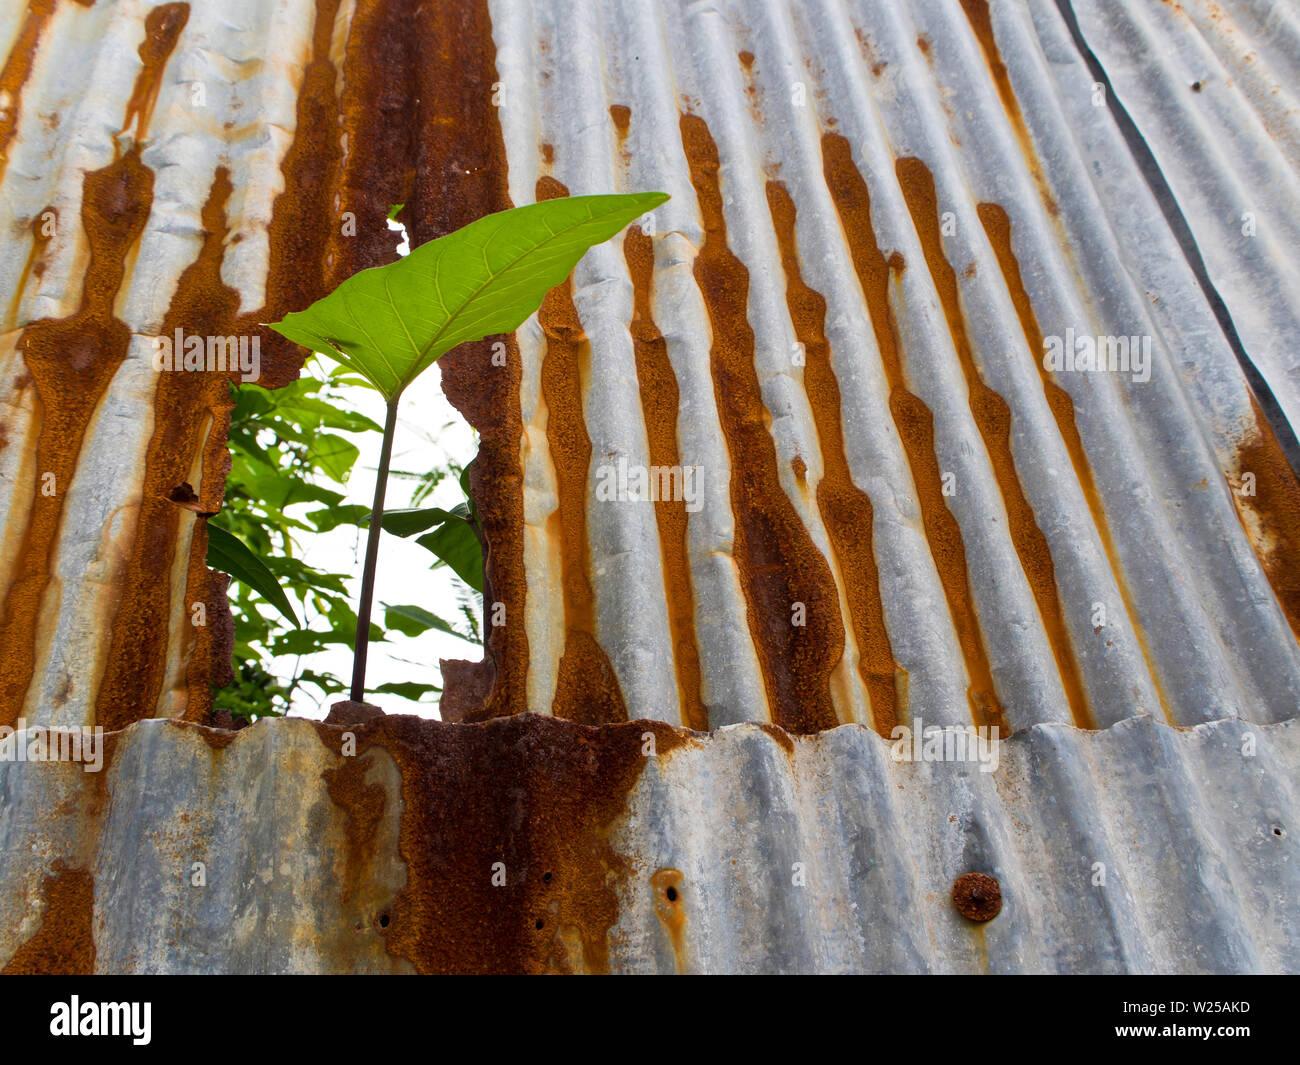 Super Eisenflecken Stockfotos & Eisenflecken Bilder - Alamy HV52